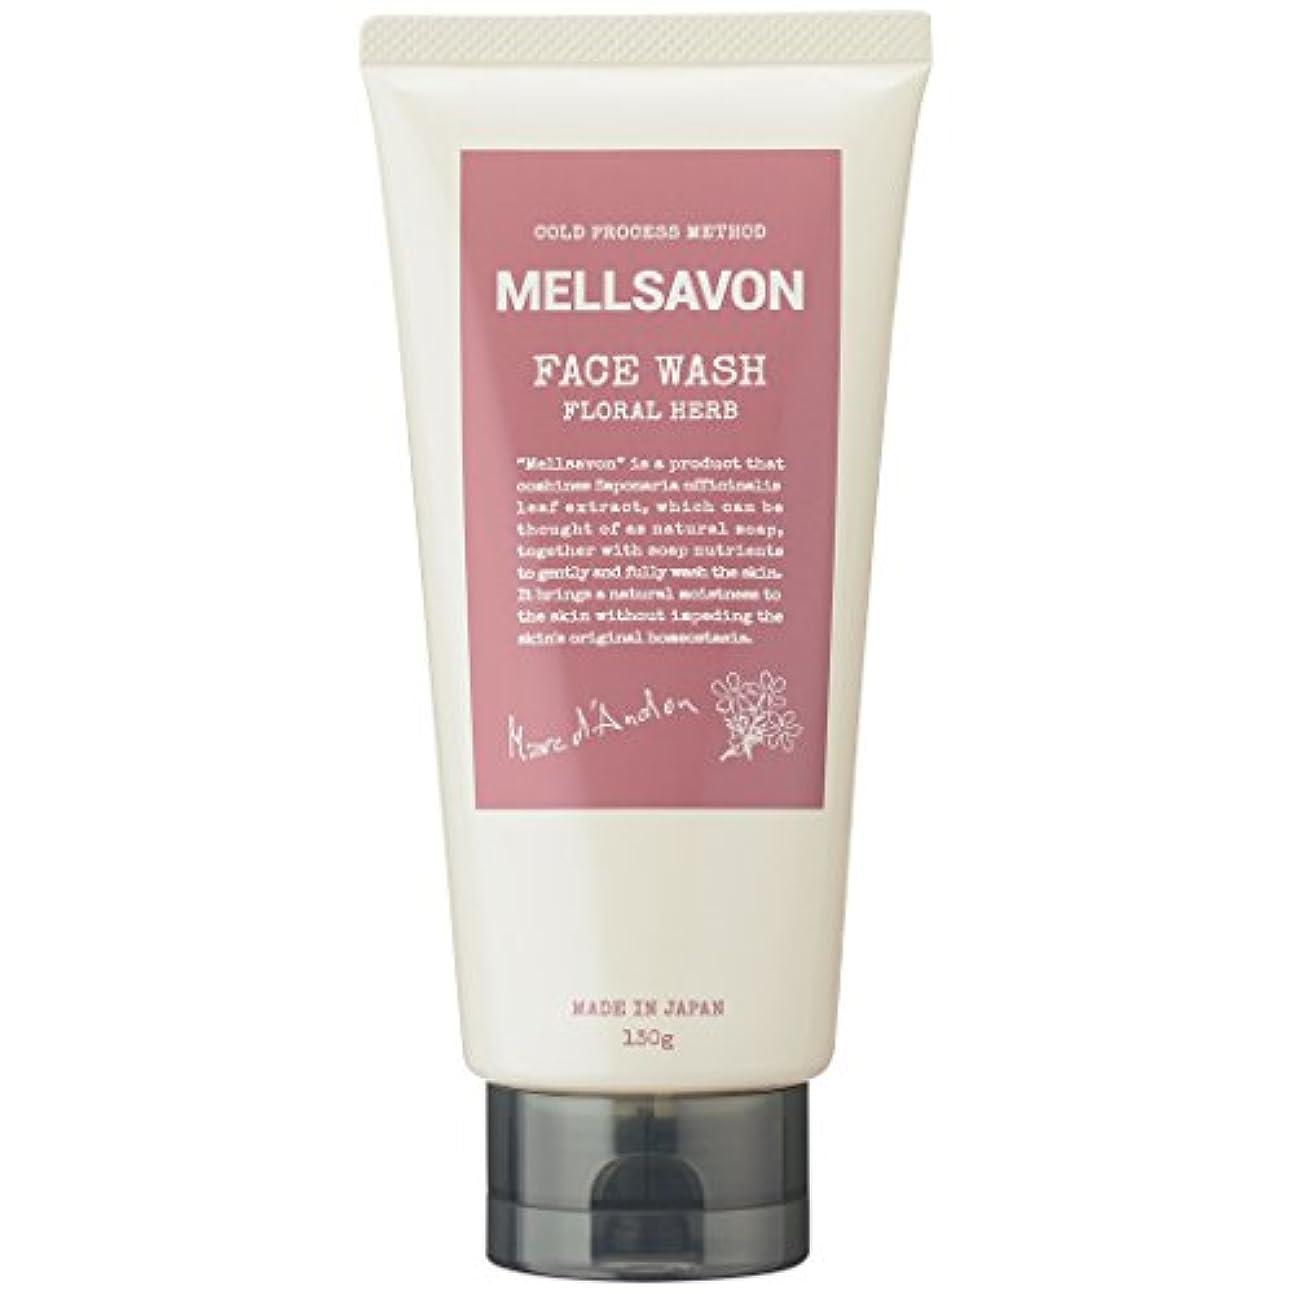 論文最も遠い湿ったMellsavon(メルサボン) メルサボン フェイスウォッシュ フローラルハーブ 130g 洗顔 130ml